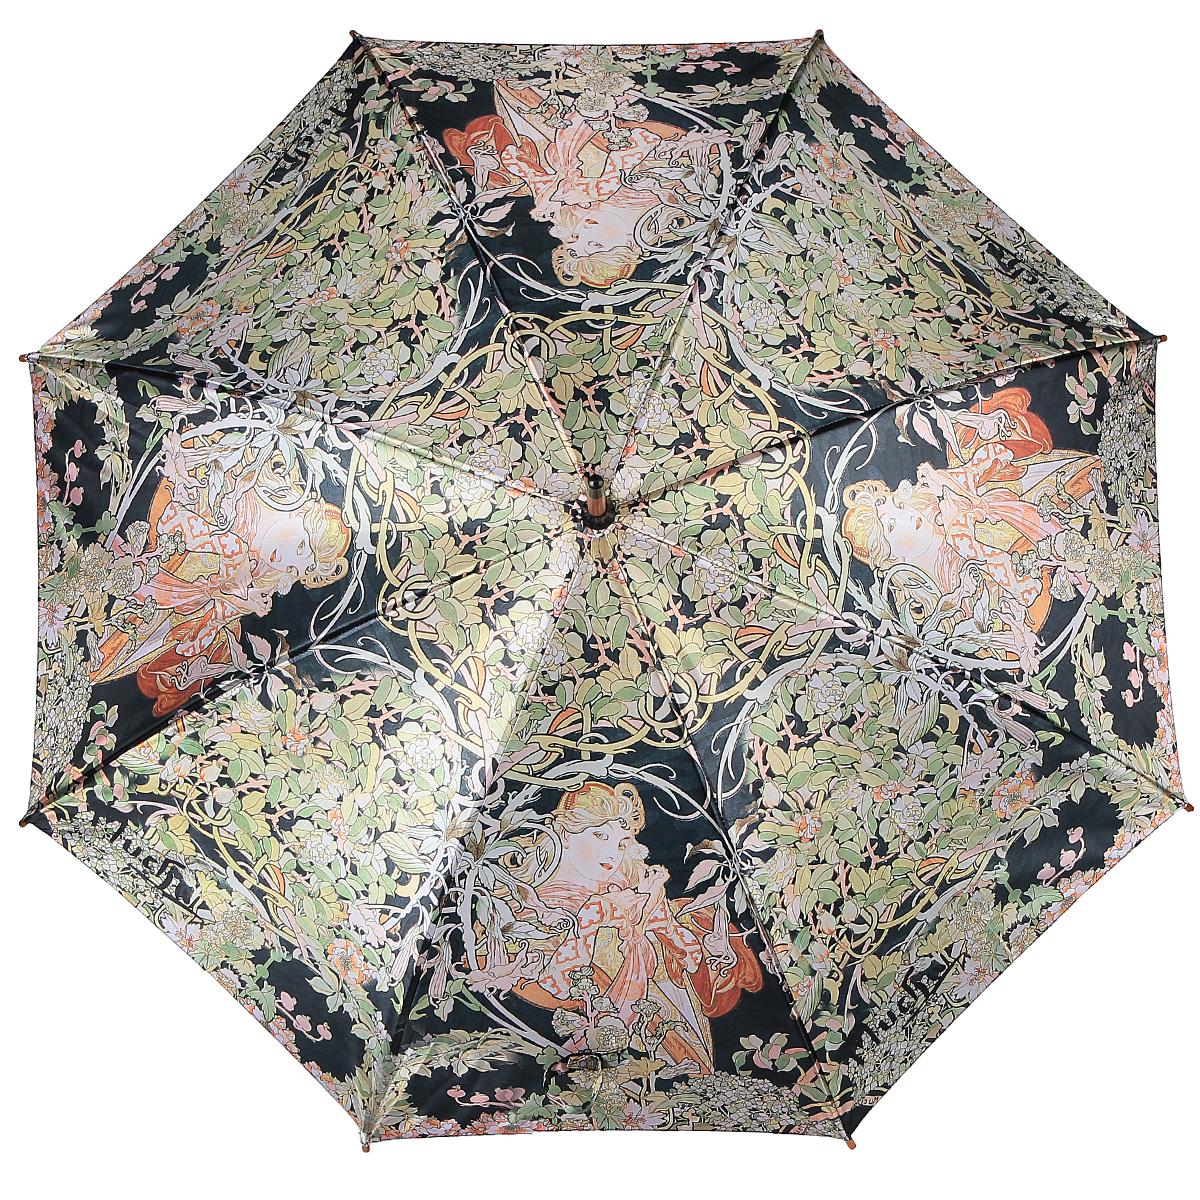 Зонт-трость Девушка и цветы, полуавтомат. 1001-301001-30Стильный полуавтоматический зонт-трость Девушка и цветы поднимет настроение даже в ненастную погоду. Каркас зонта состоит из деревянного стержня и 8 металлических спиц черного цвета. Купол зонта, изготовленный из сатина с водоотталкивающей пропиткой, оформлен изображением девушки и цветов в стиле арт-нуво по мотивам картин Альфонса Мухи. Зонт оснащен удобной закругленной рукояткой. Кончики спиц защищены деревянными насадками. Зонт имеет полуавтоматический механизм сложения: купол открывается нажатием кнопки на рукоятке, а закрывается вручную до характерного щелчка. Такой зонт не только надежно защитит вас от дождя, но и станет стильным аксессуаром.